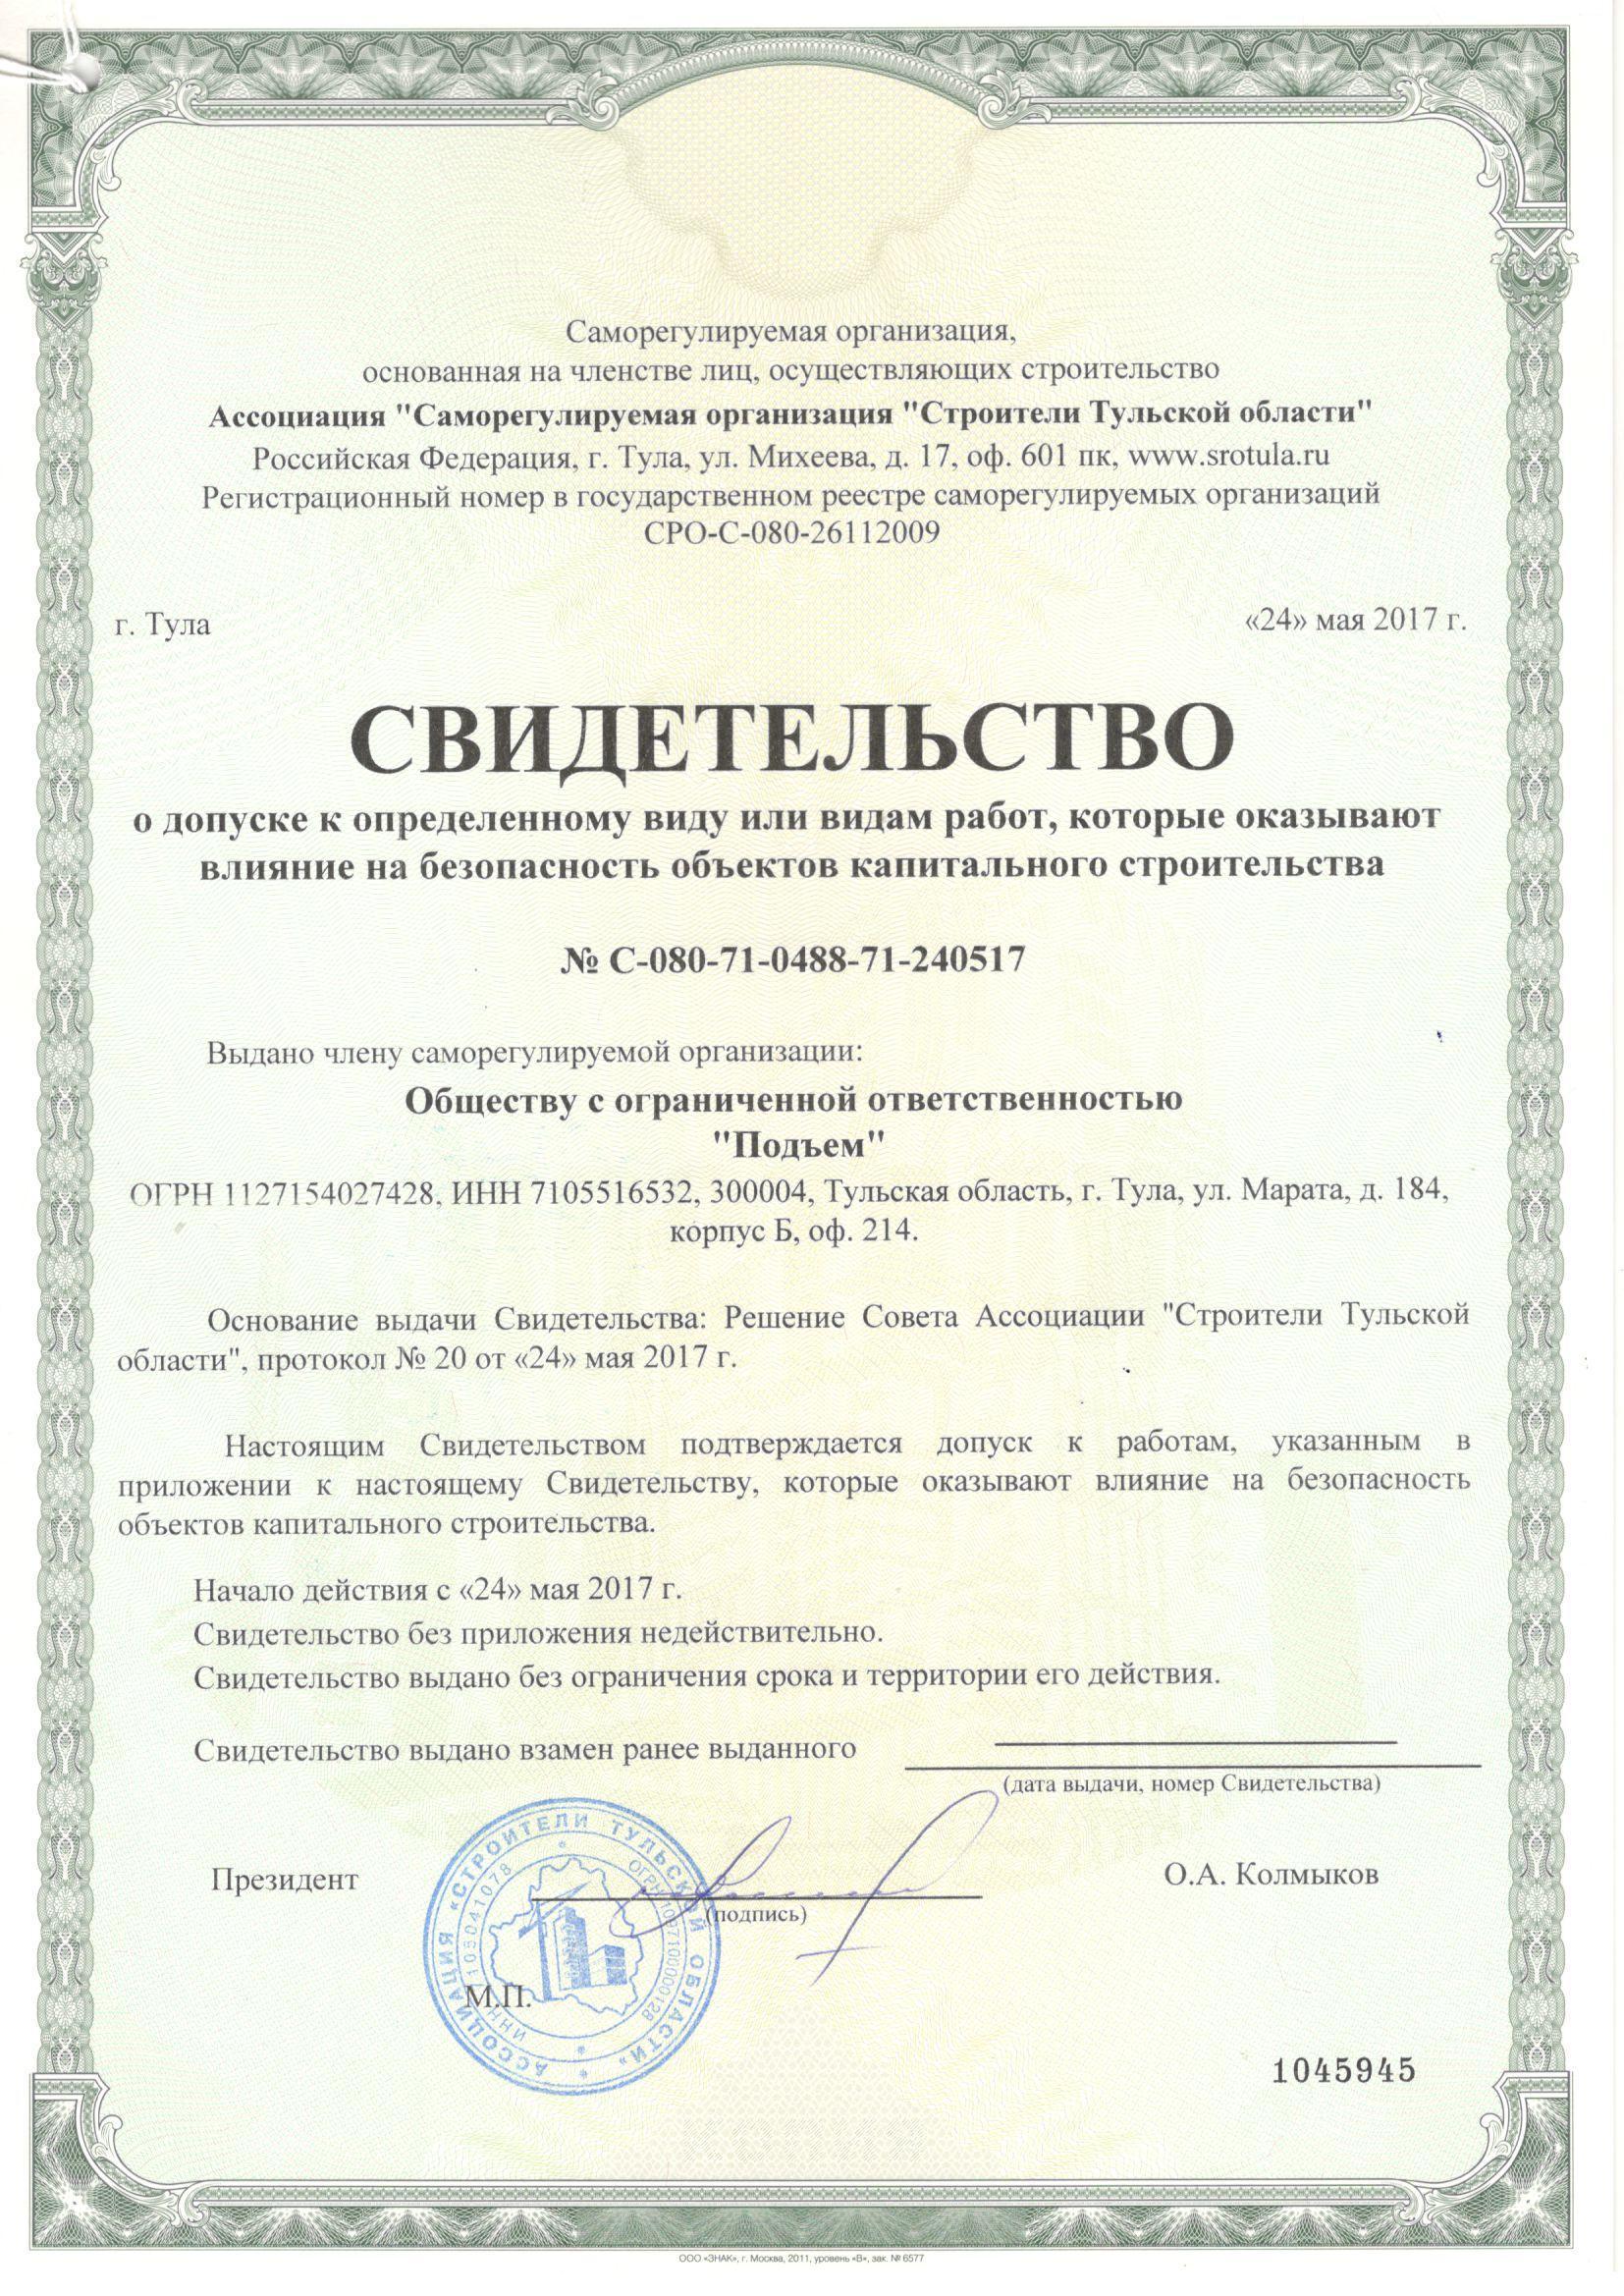 лицензии в строительстве